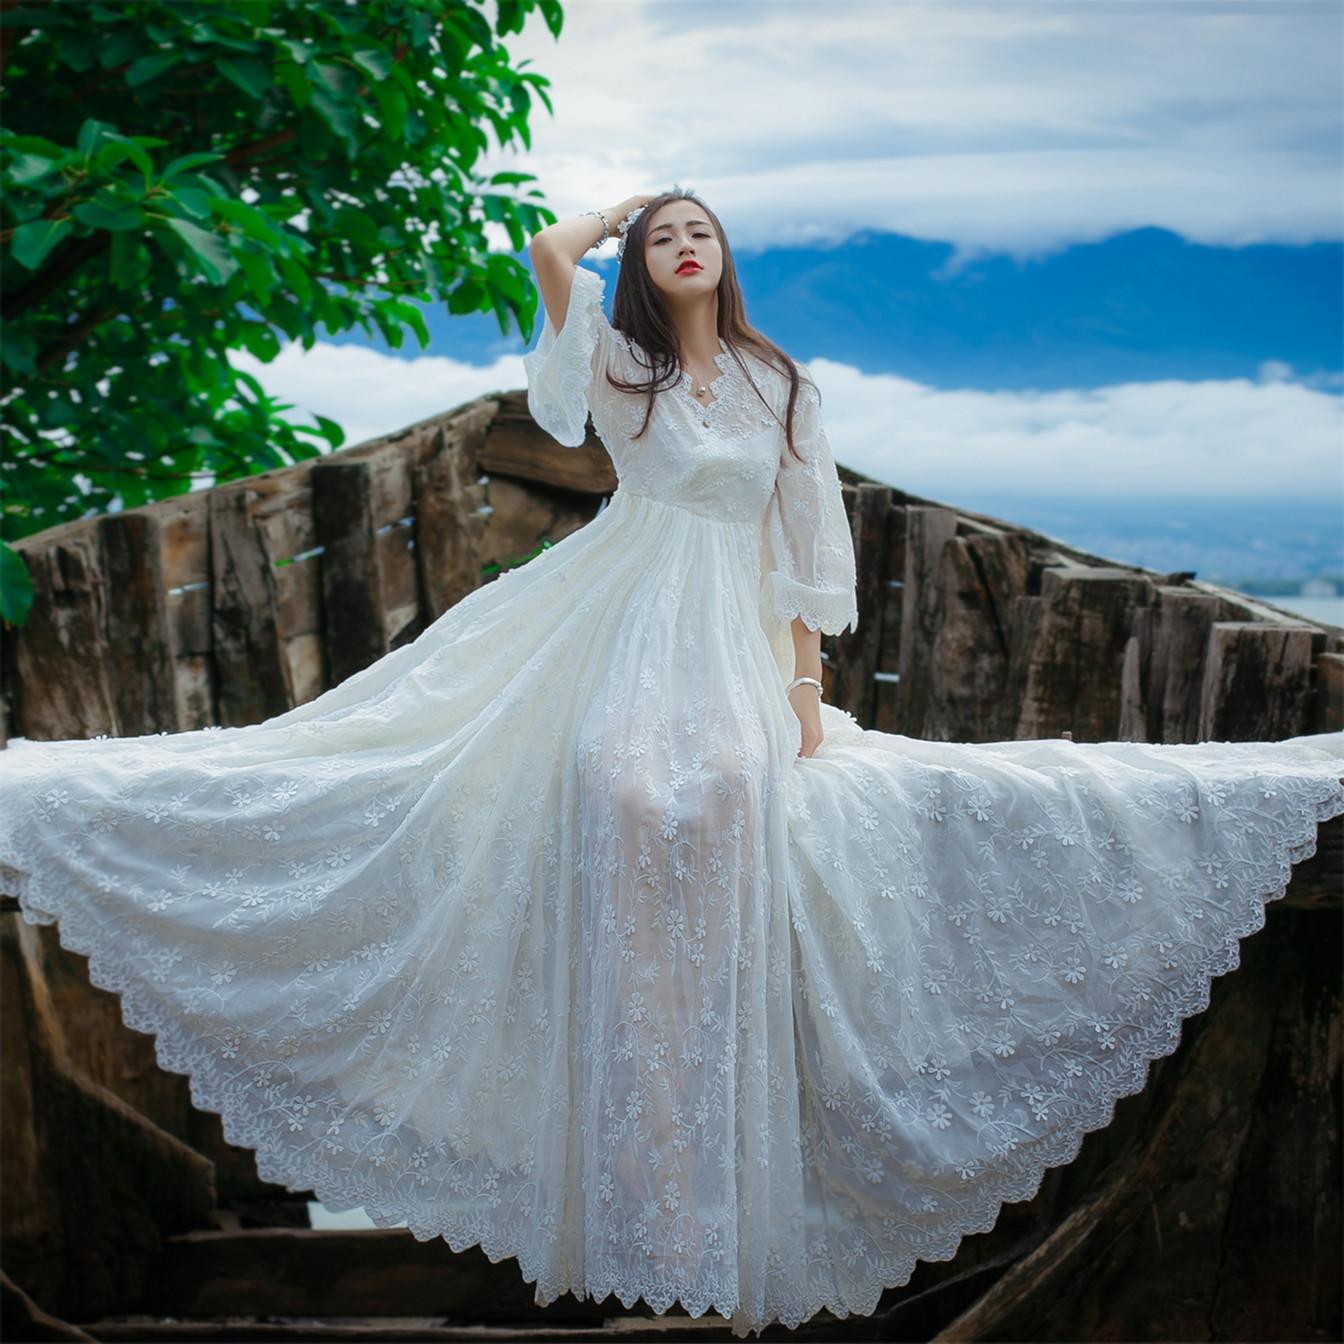 白色蕾丝连衣裙 勾花镂空蕾丝刺绣连衣裙波西米亚大摆海边度假沙滩长裙仙女神夏季_推荐淘宝好看的白色蕾丝连衣裙